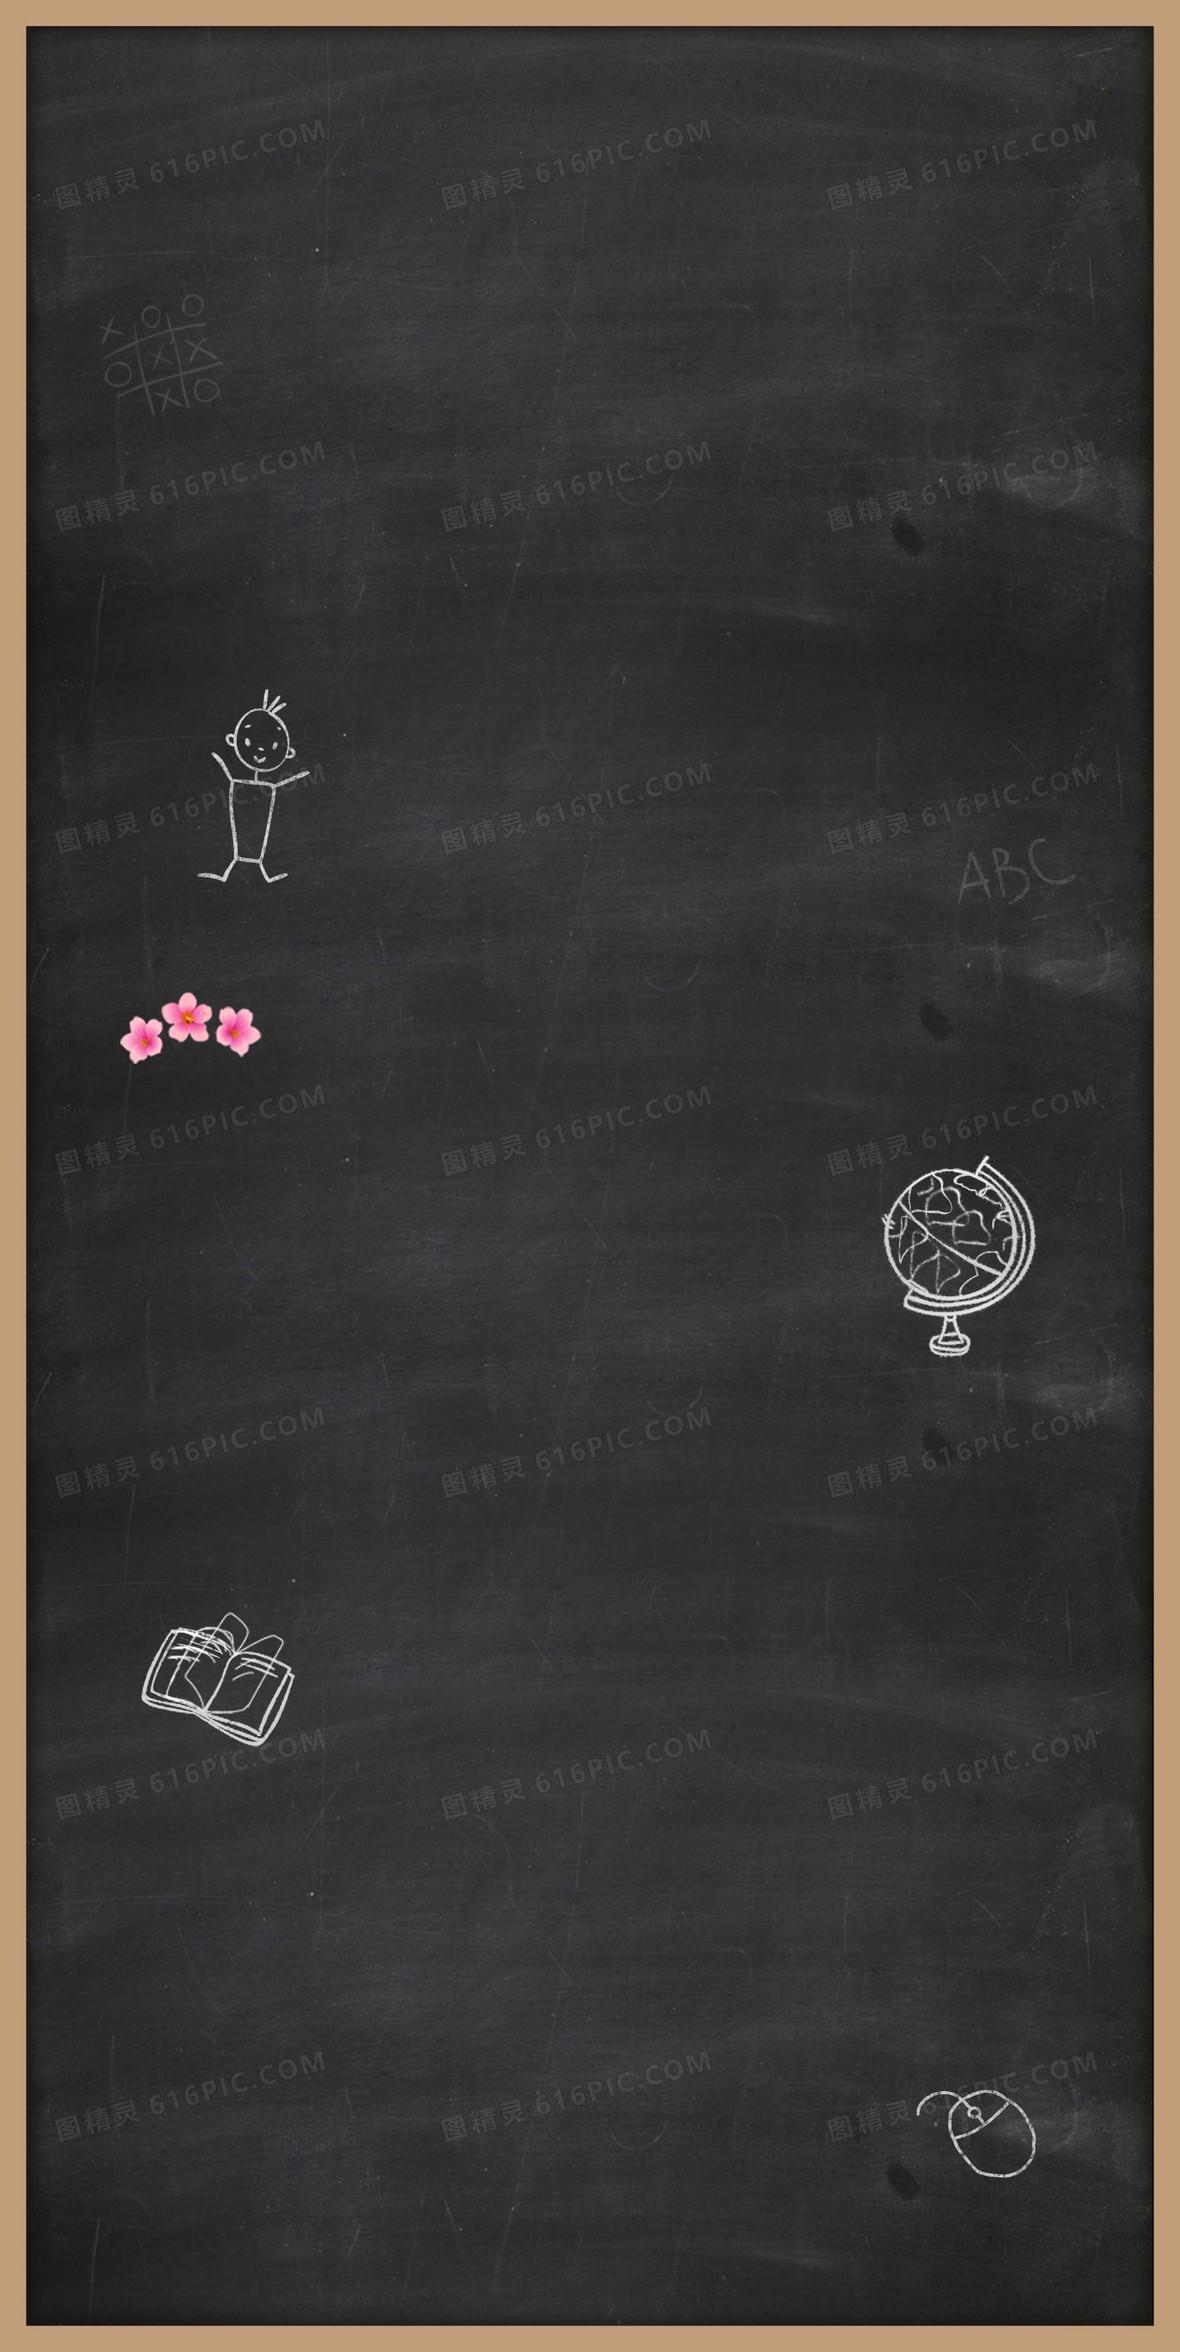 文艺黑板校园海报背景素材